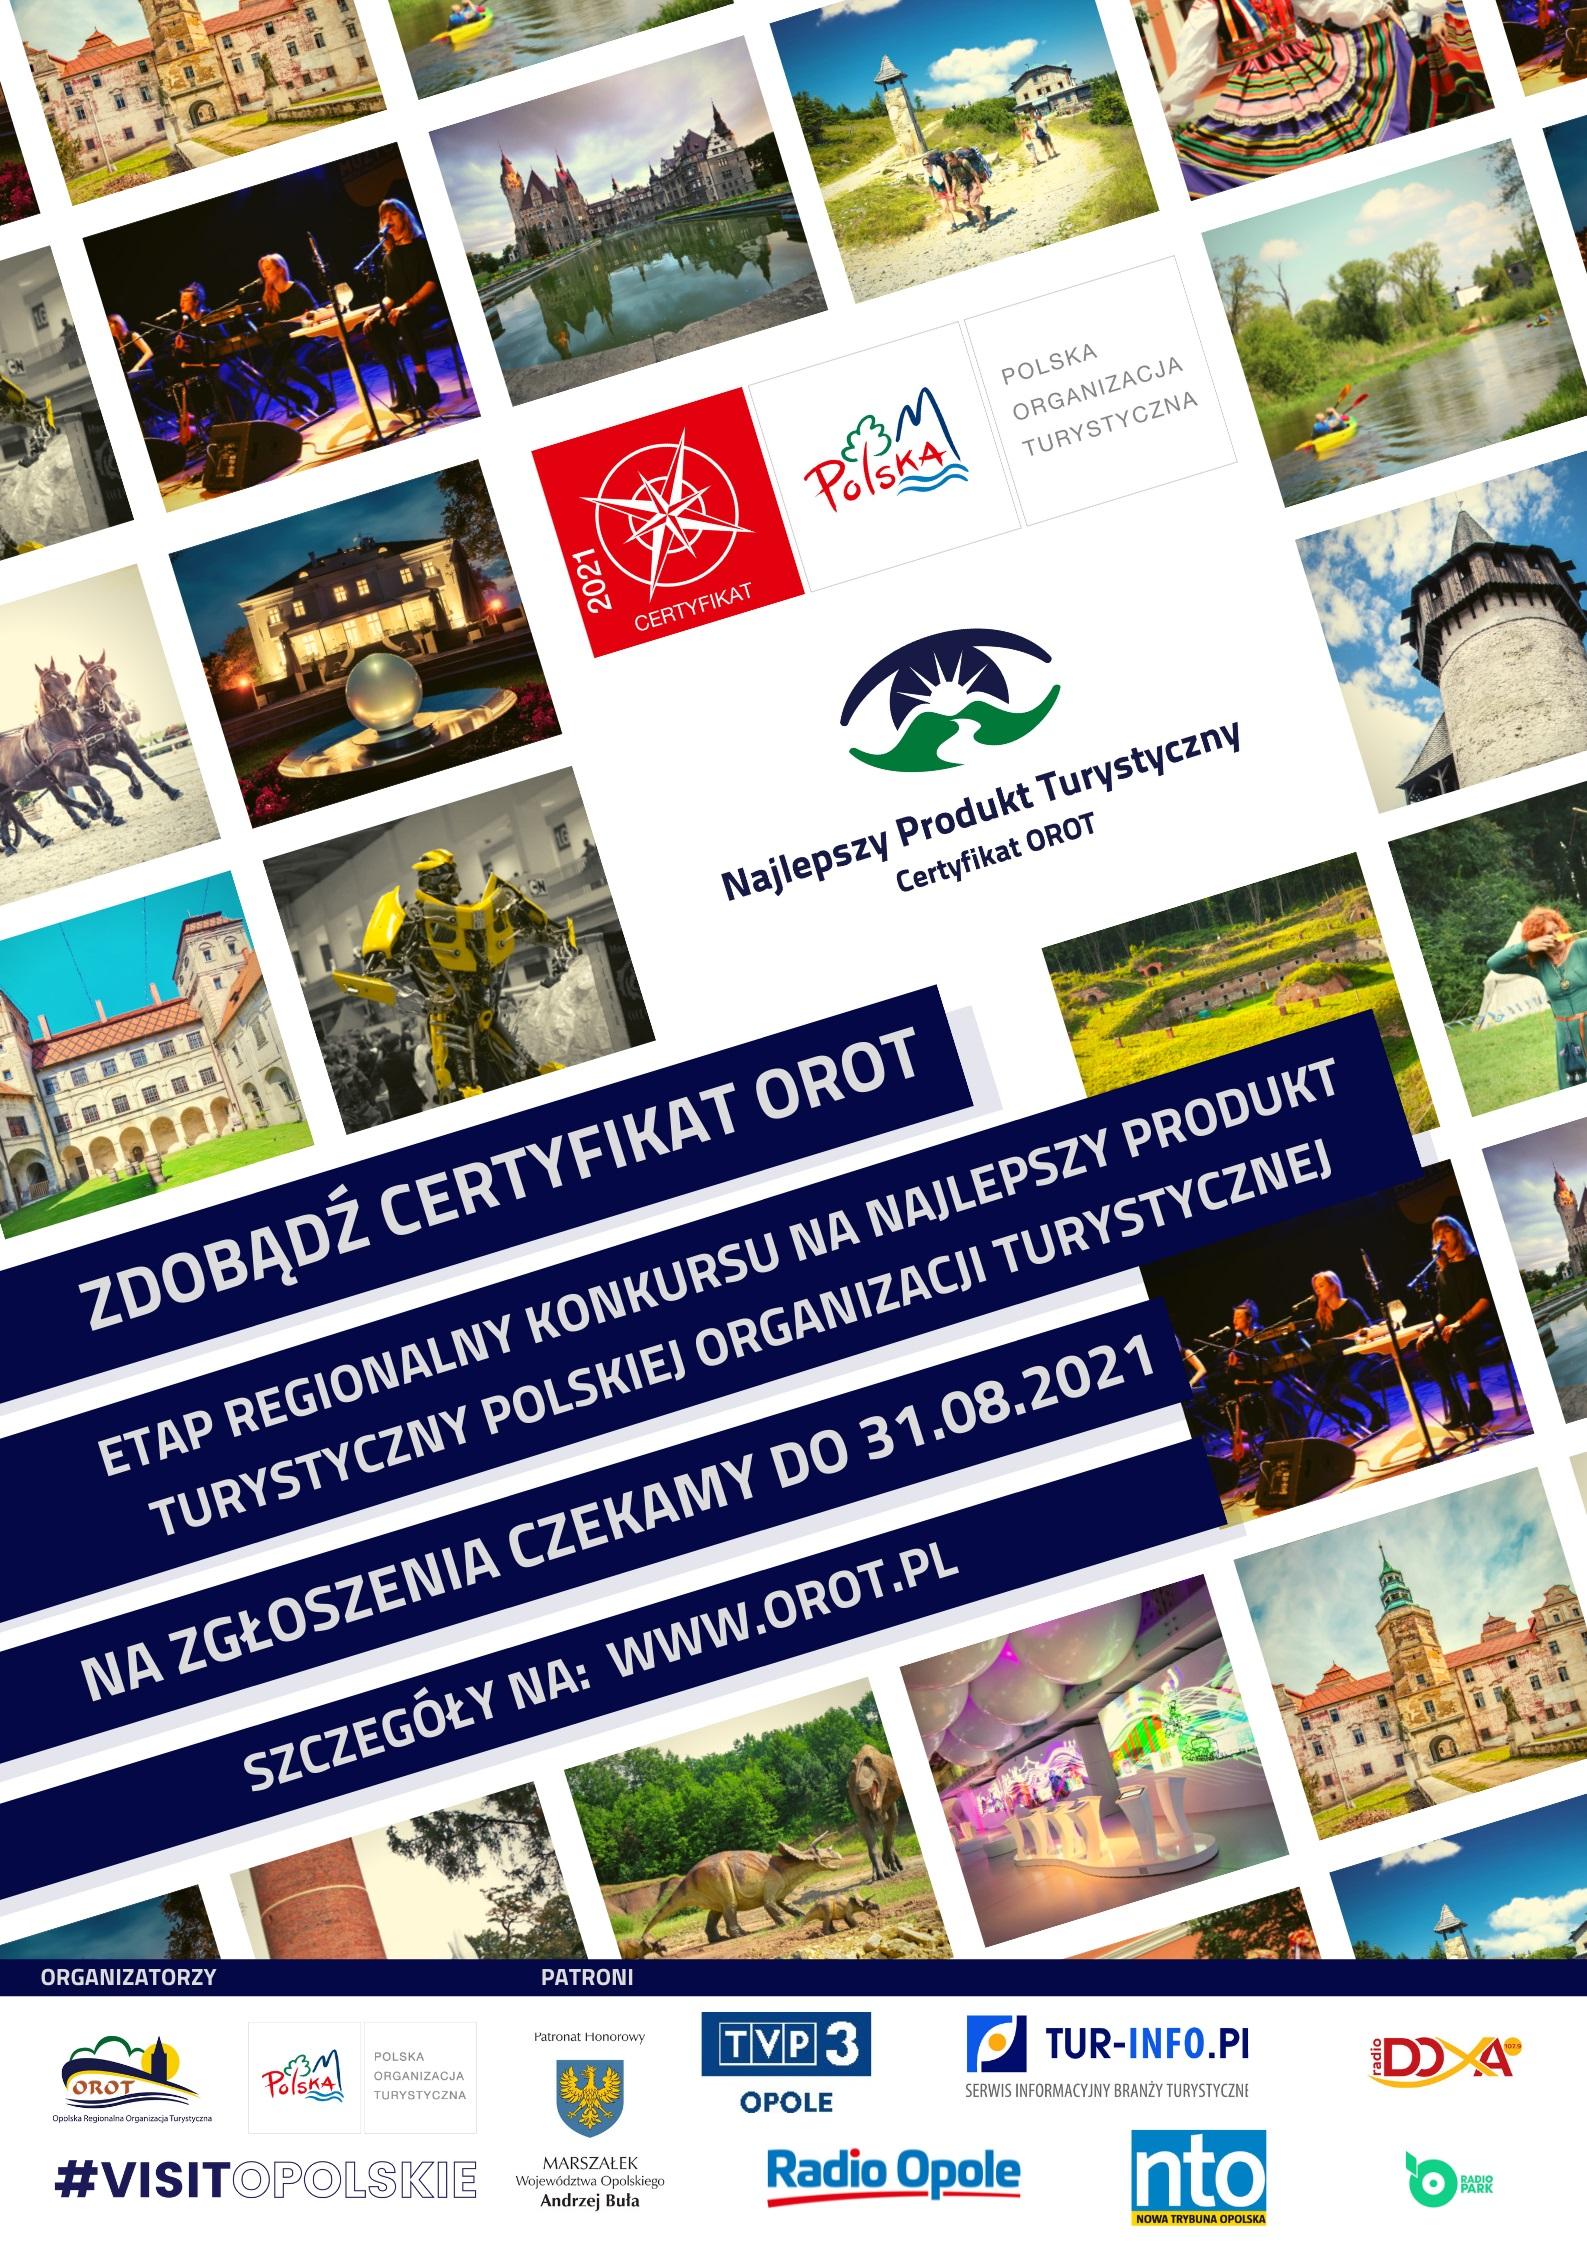 Trwa XII edycja konkursu na Najlepszy Produkt Turystyczny Województwa Opolskiego – Certyfikat OROT 2021! [materiały organizatora]